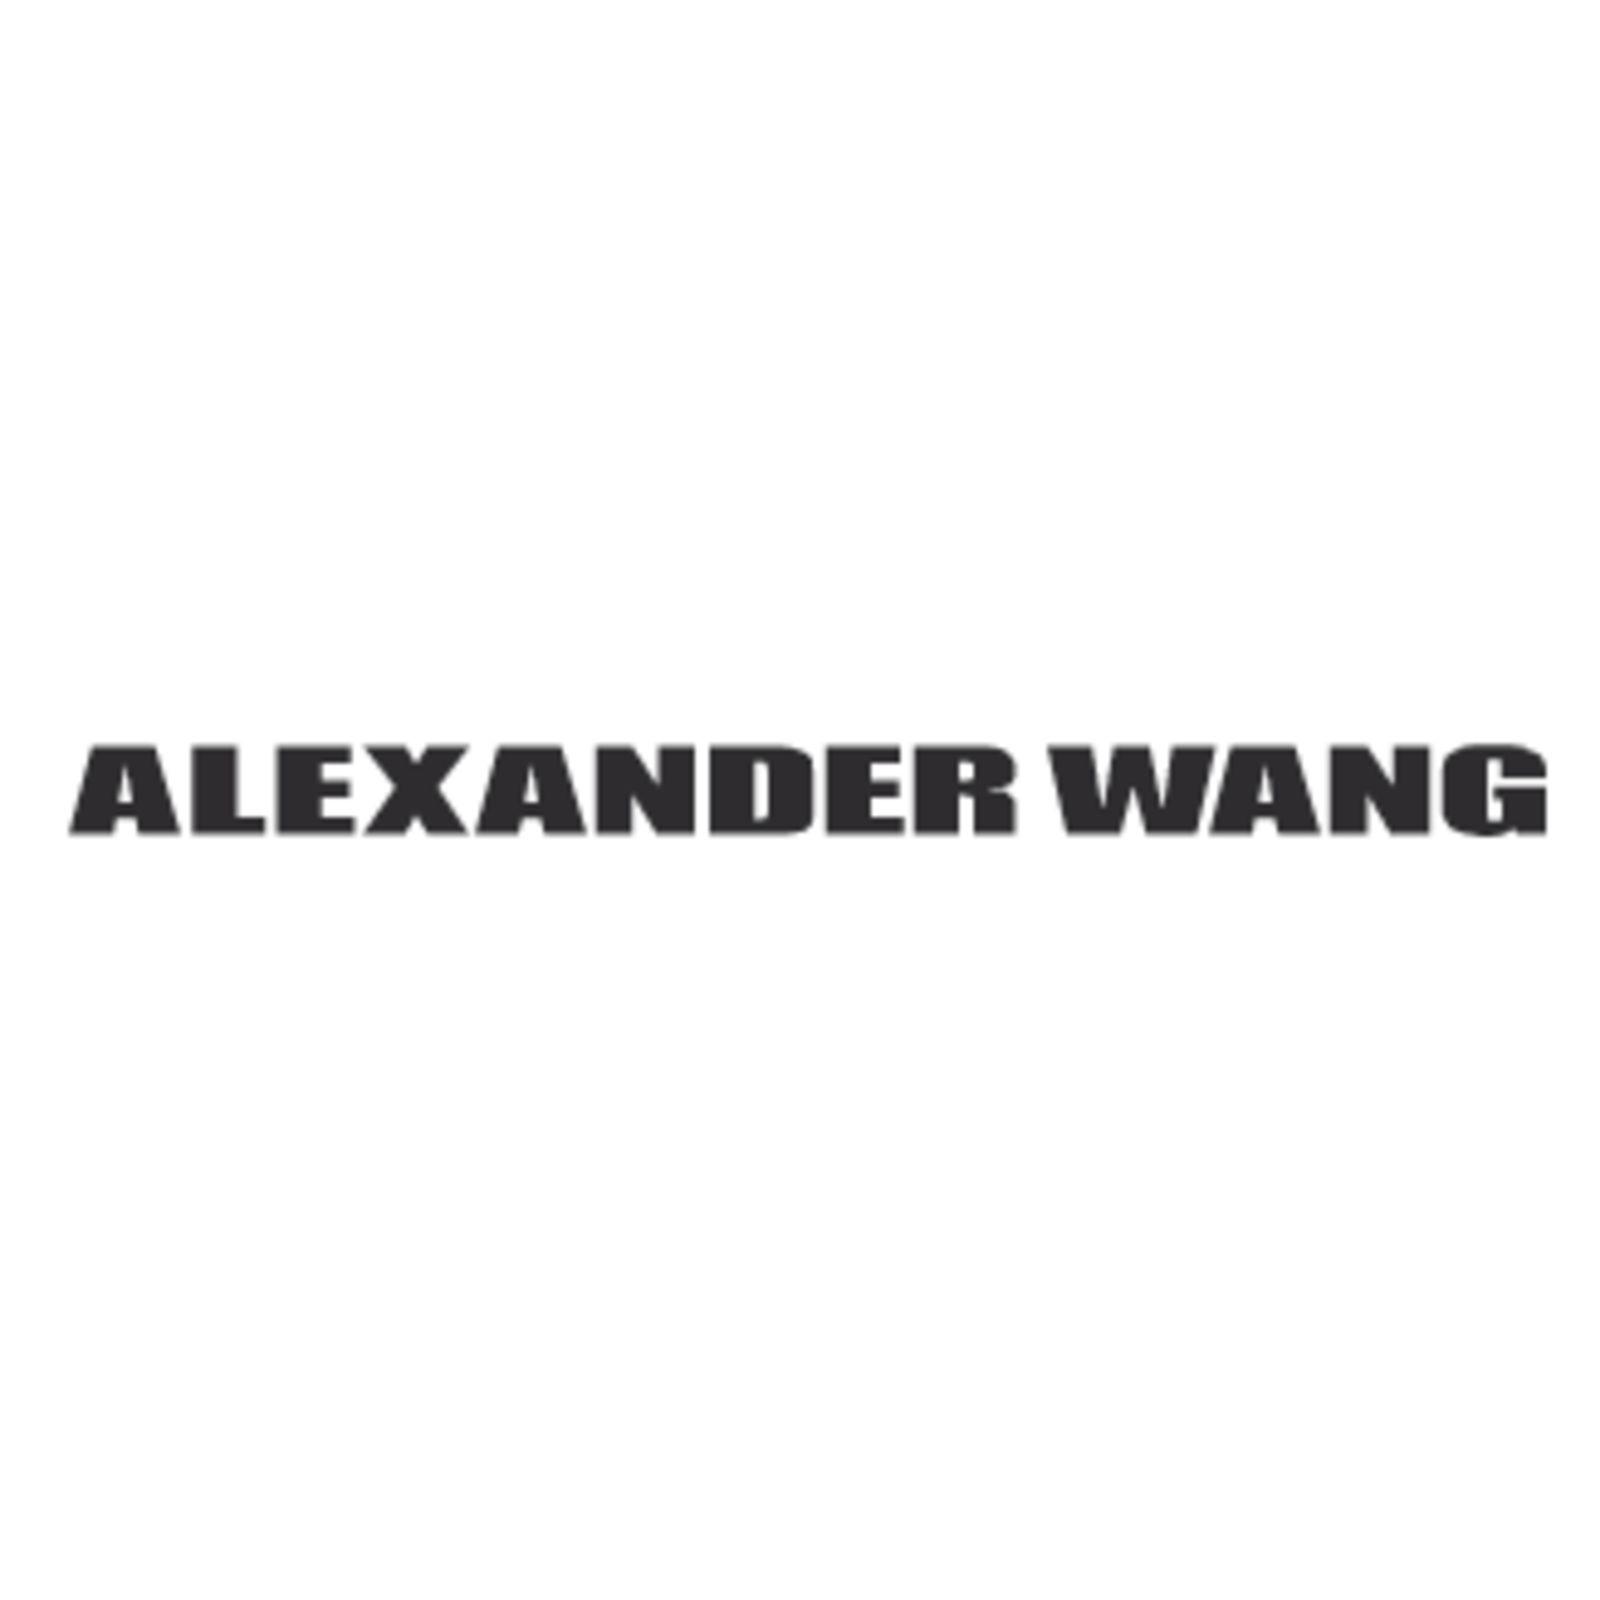 ALEXANDER WANG (Bild 1)